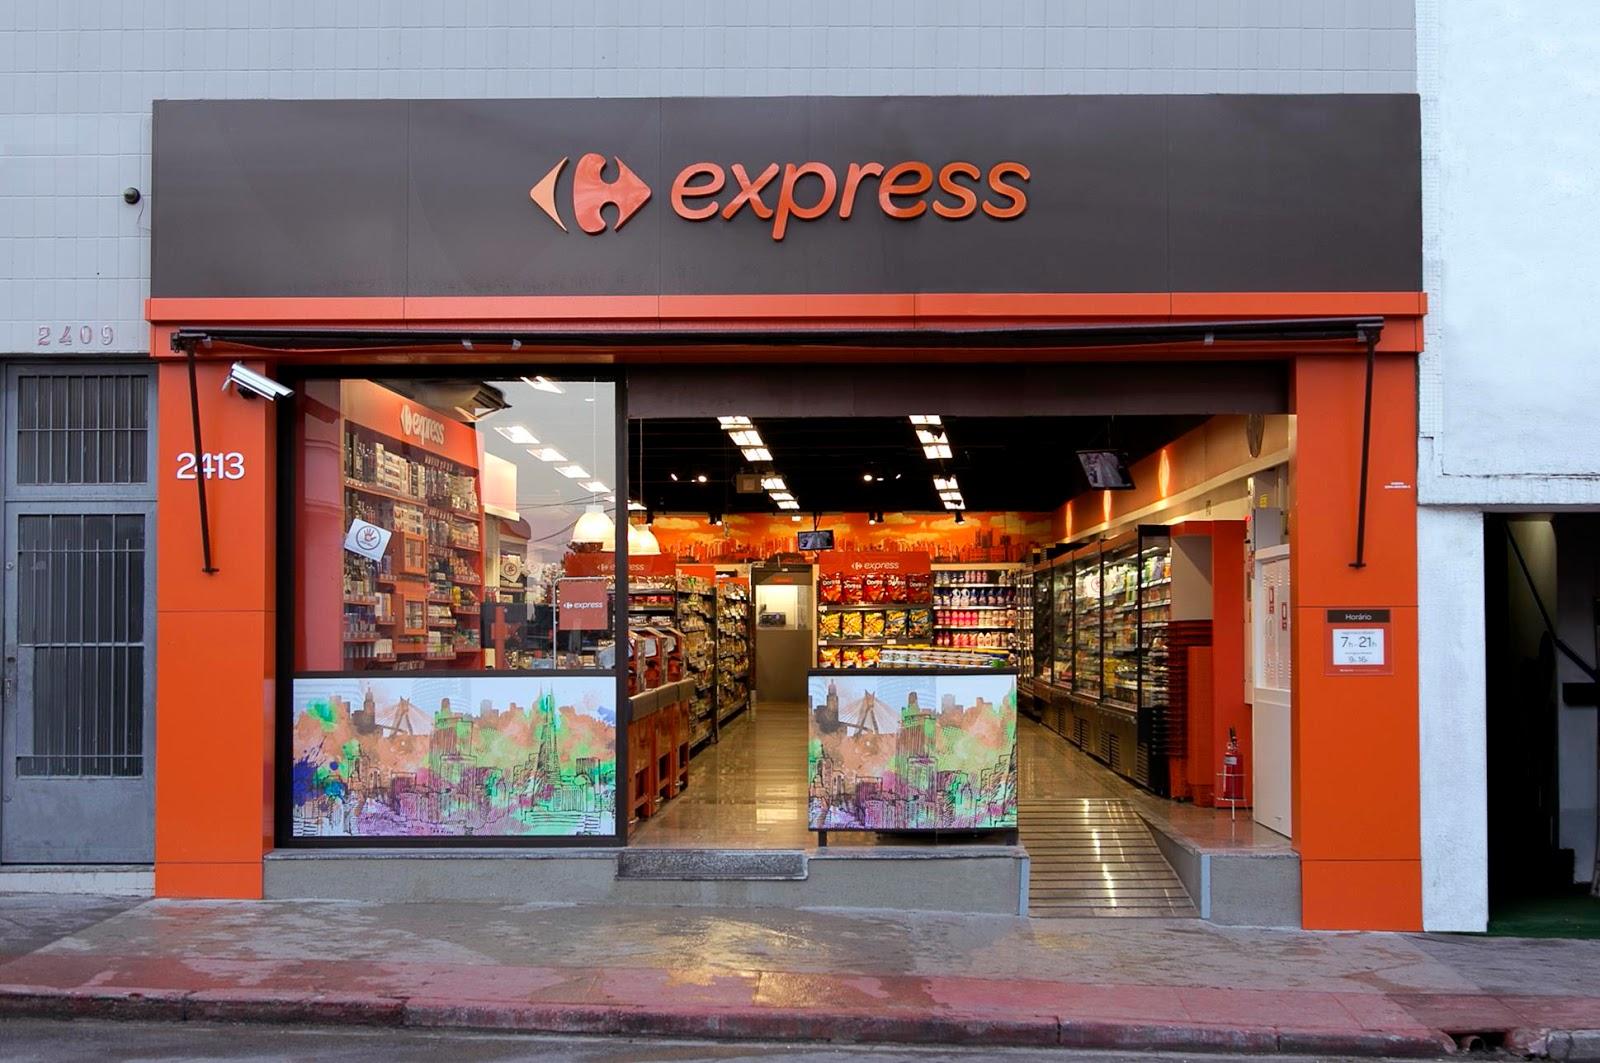 38b261d6d1 O Carrefour lança hoje no Brasil seu formato de loja de proximidade, o  Carrefour Express. Com grande know-how neste formato em diversos mercados  do mundo ...